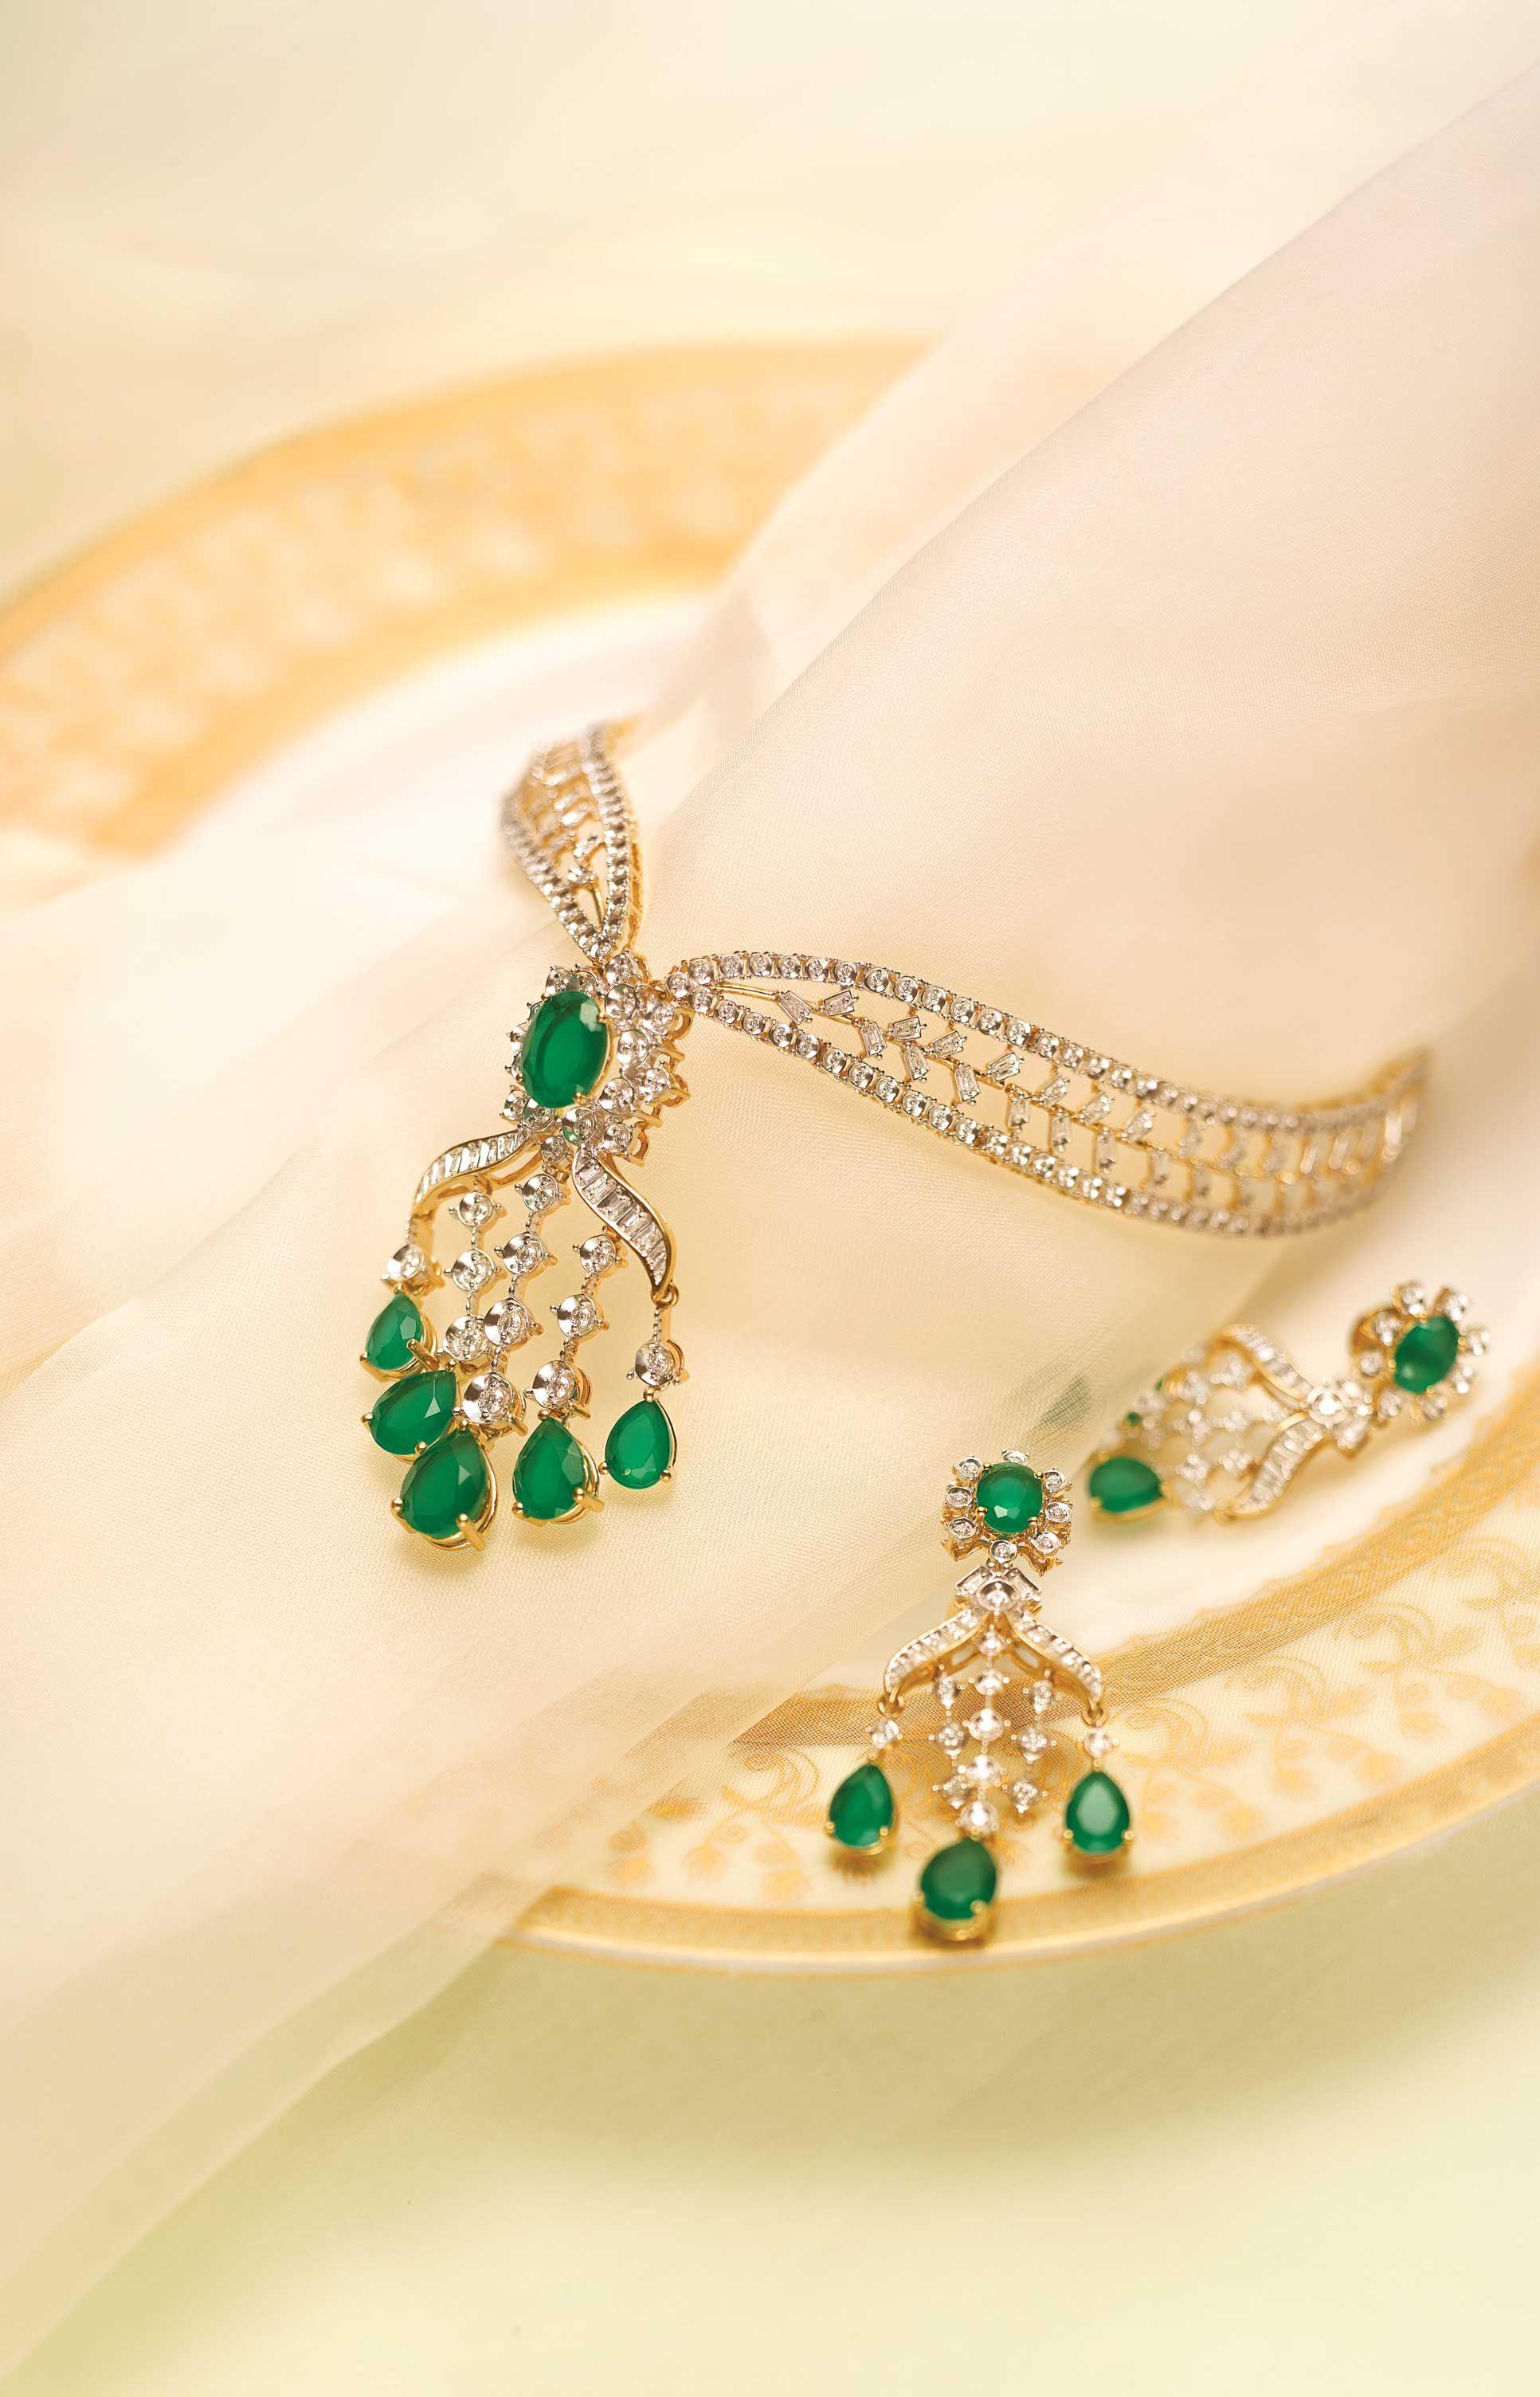 Pin by yaffi hilili on jewelry pinterest diamond jewel and jewelery